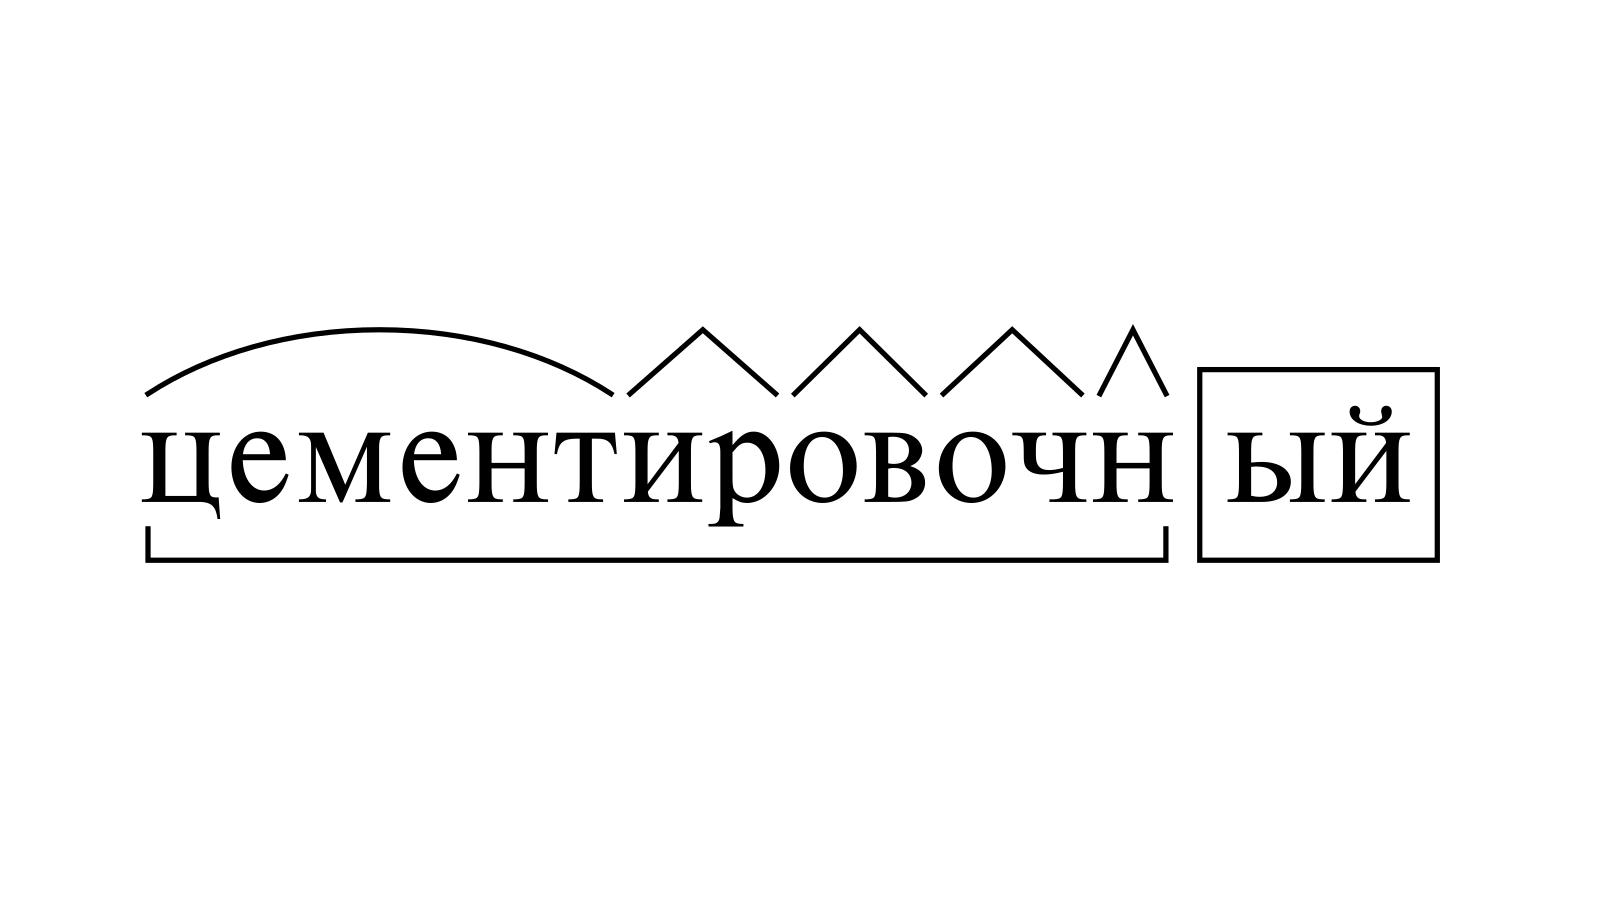 Разбор слова «цементировочный» по составу